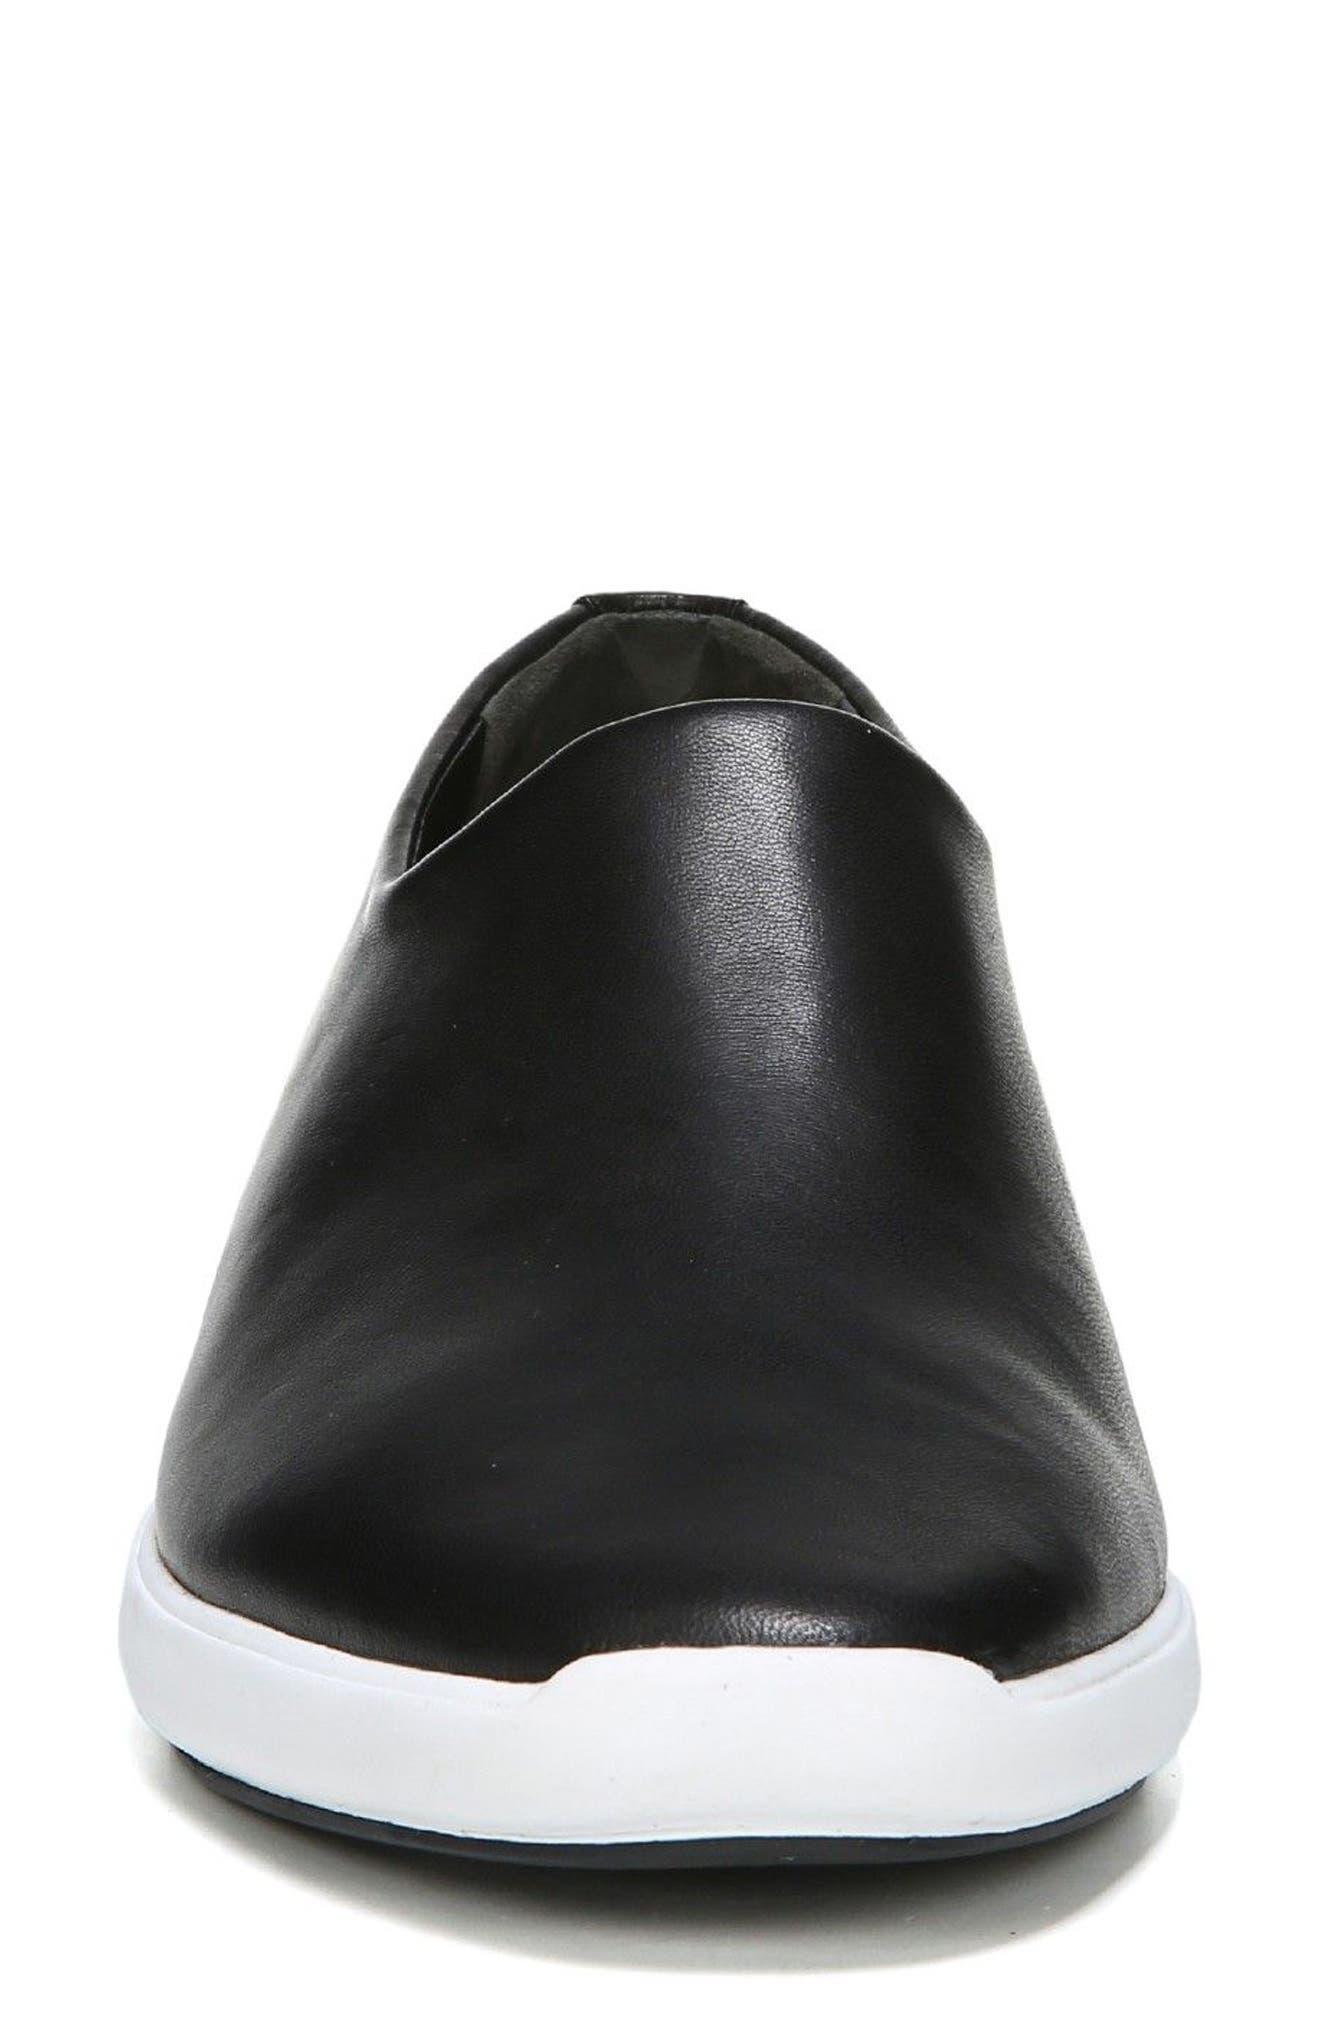 Malena Slip-On Sneaker,                             Alternate thumbnail 4, color,                             001